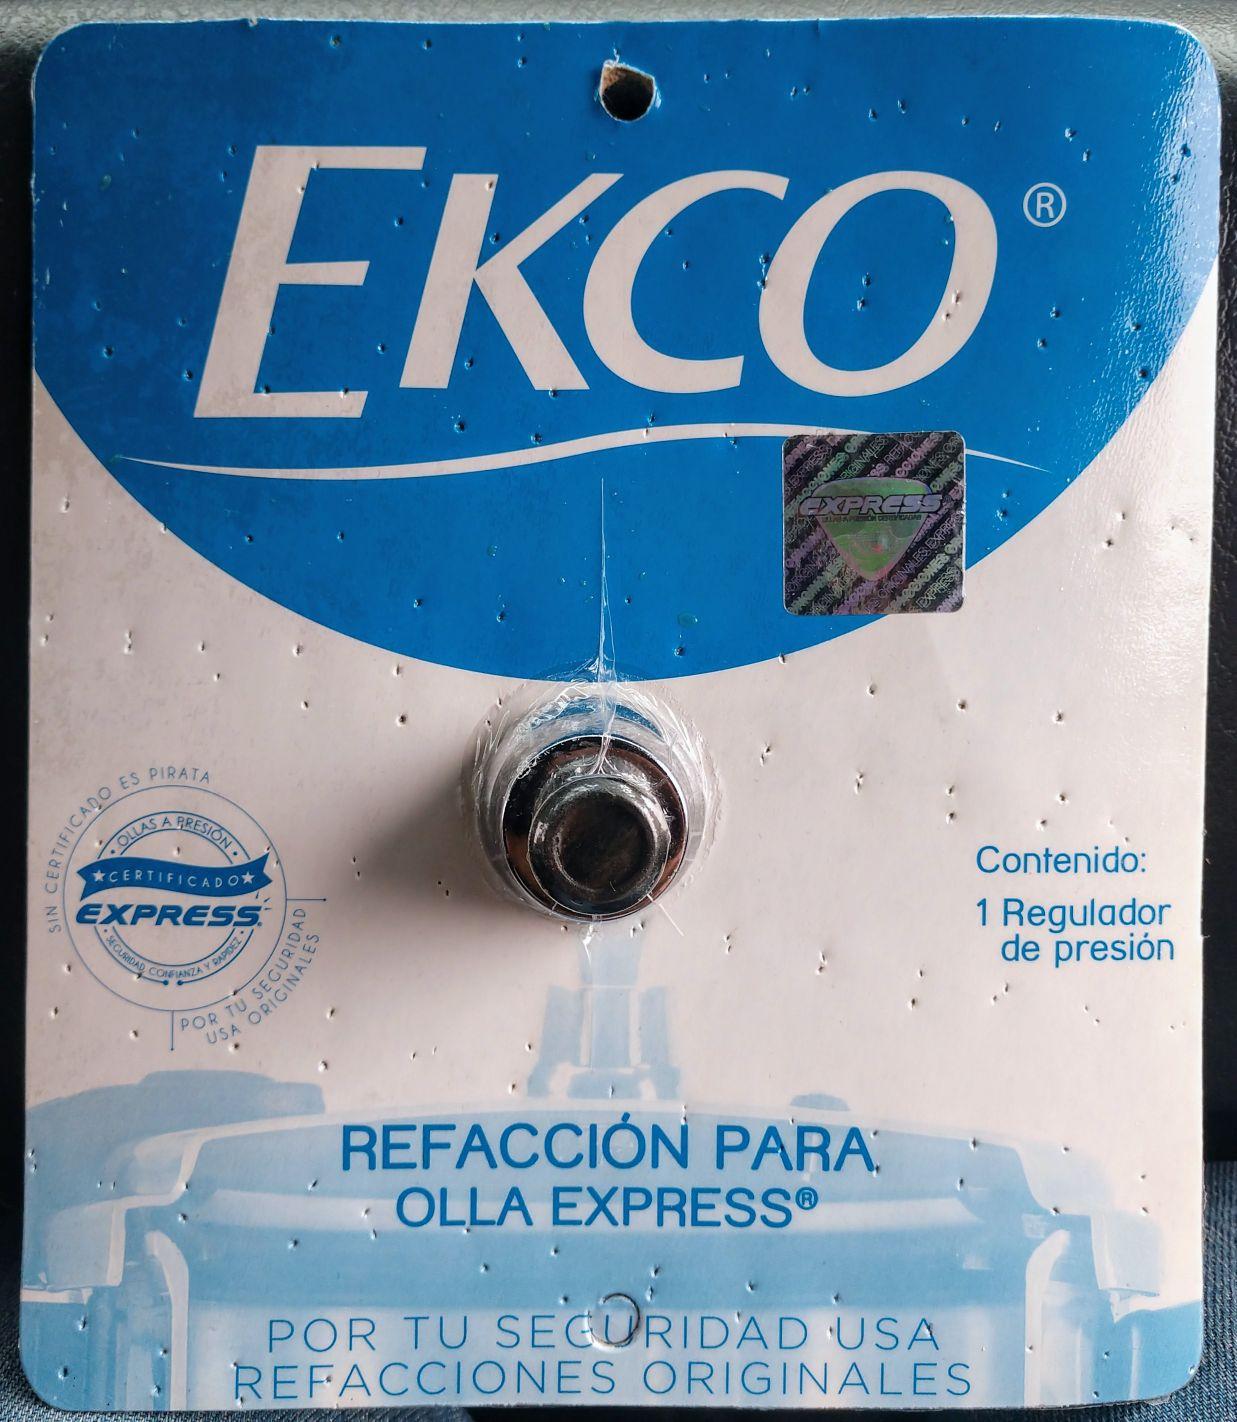 Walmart: Regulador de presión Ecko para olla express